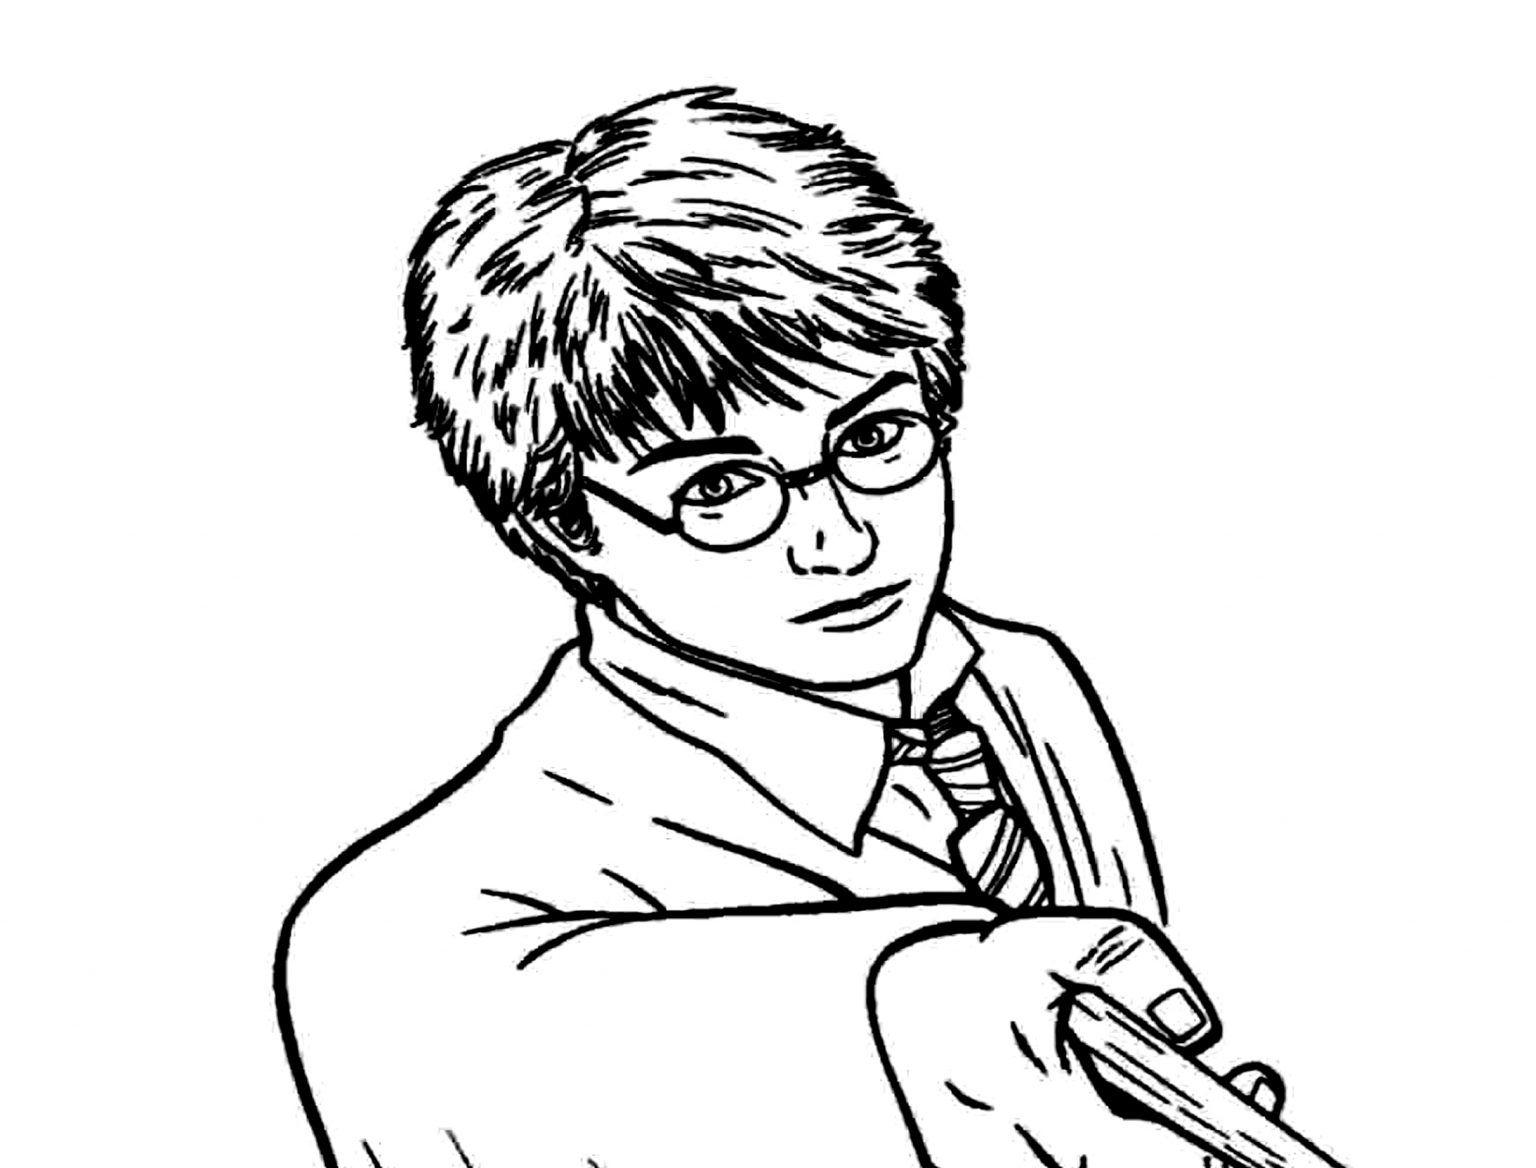 Harry Potter Ausmalbilder Kostenlos Malvorlagen Windowcolor Zum Drucken Kostenlose Malvorlagen Ausmalbilder Ausmalen